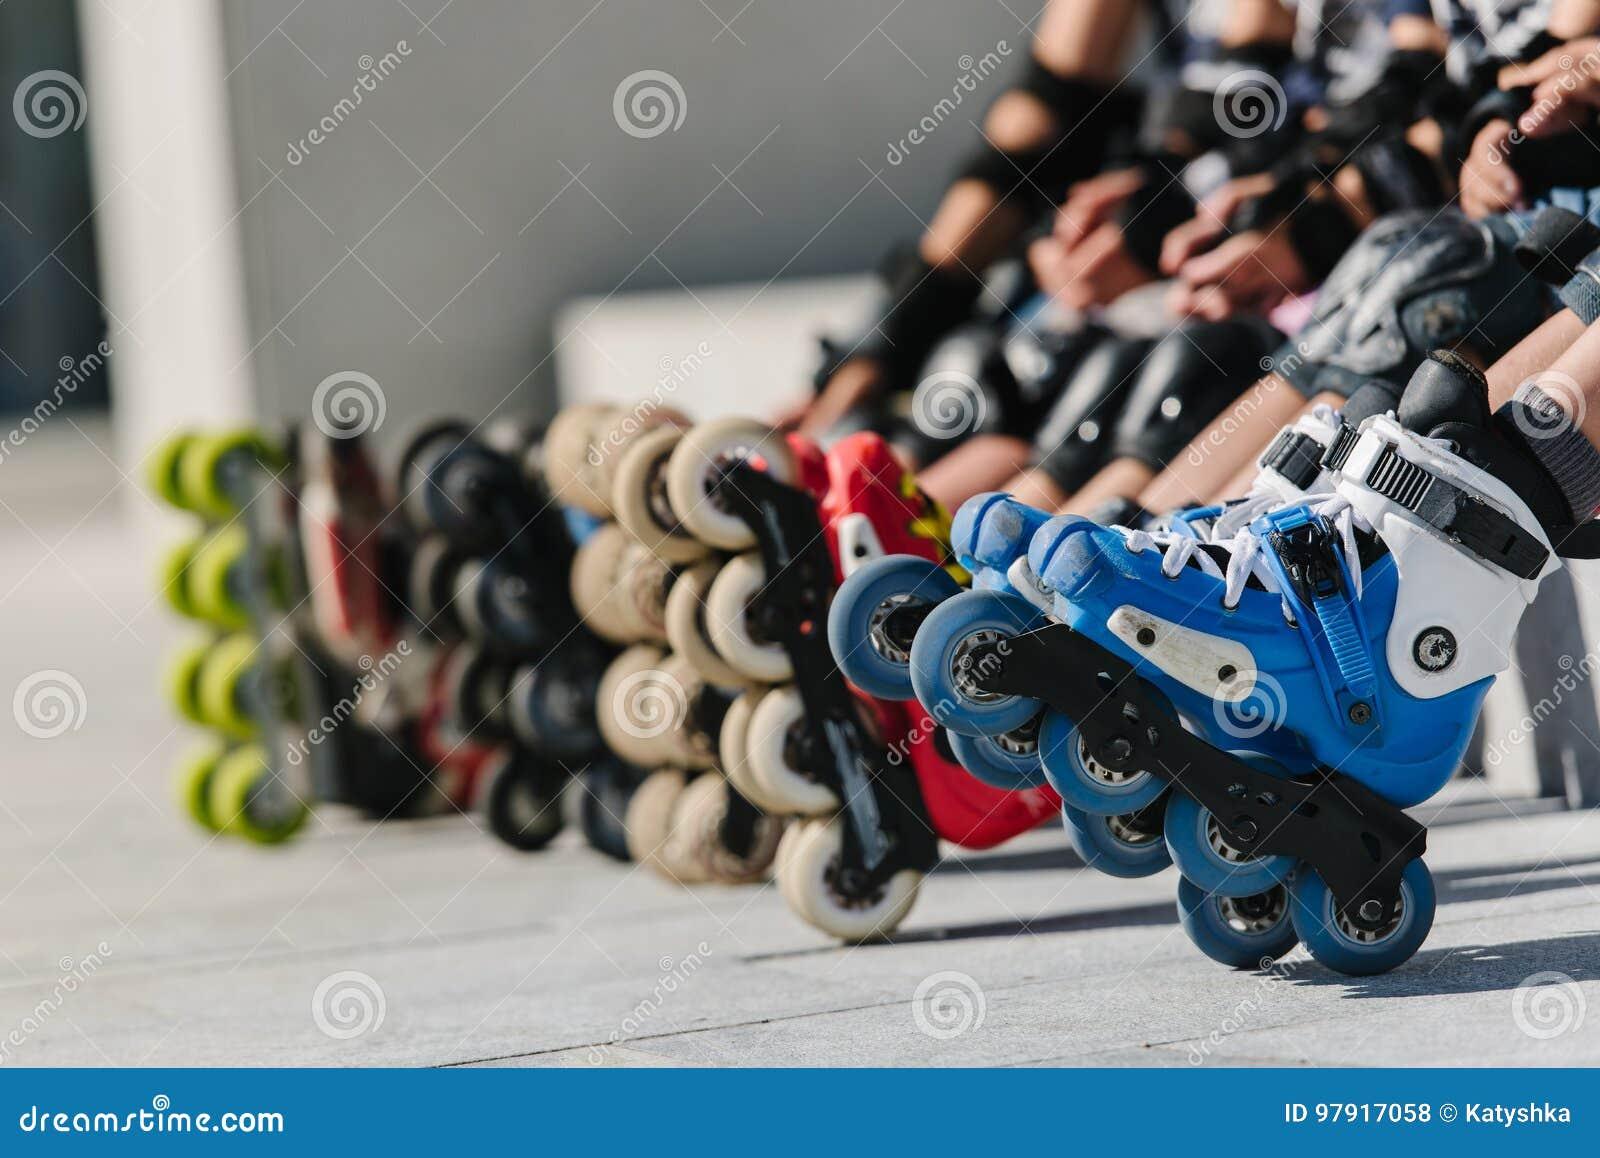 Feet Of Rollerbladers Wearing Inline Roller Skates Sitting